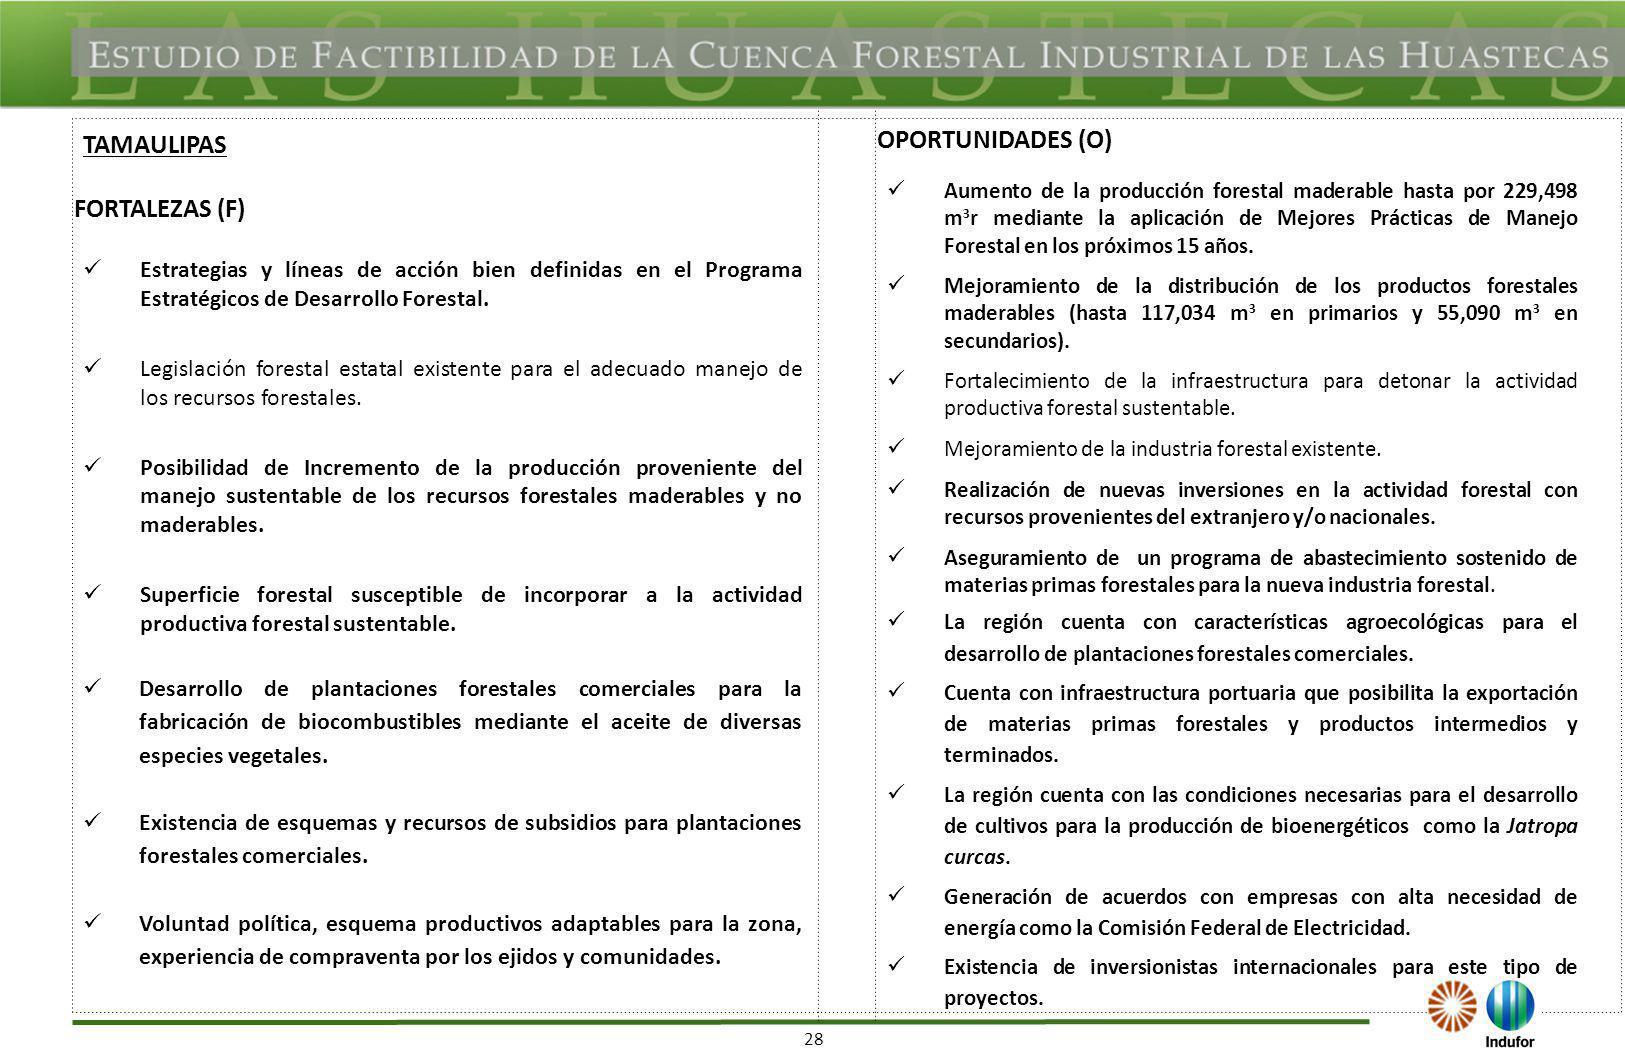 28 FORTALEZAS (F) OPORTUNIDADES (O) Estrategias y líneas de acción bien definidas en el Programa Estratégicos de Desarrollo Forestal. Legislación fore